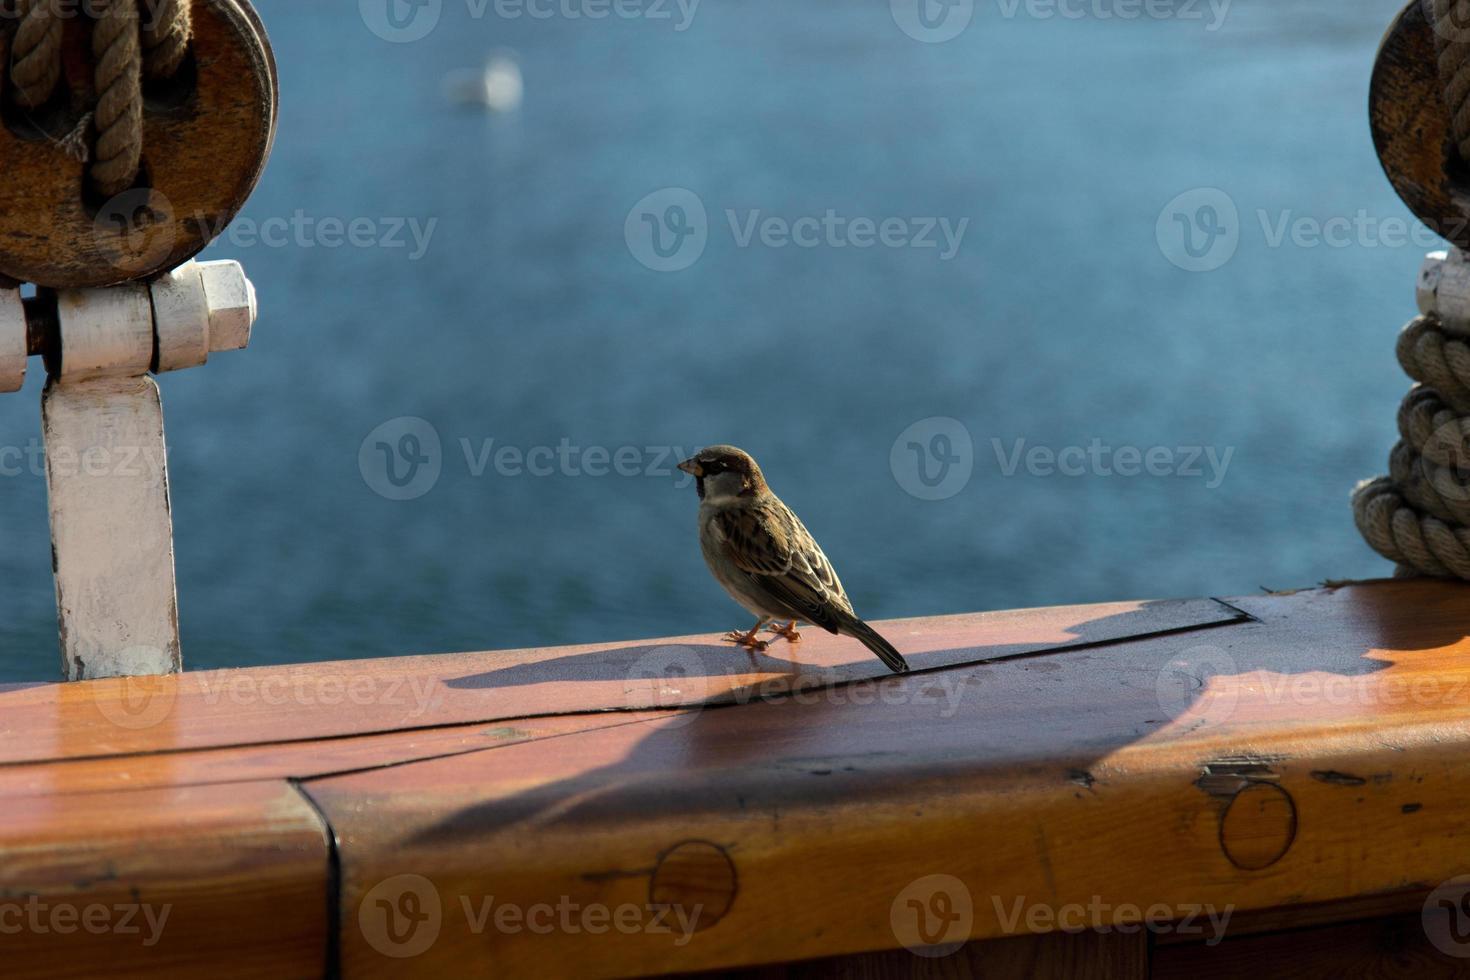 vogel op de boot foto